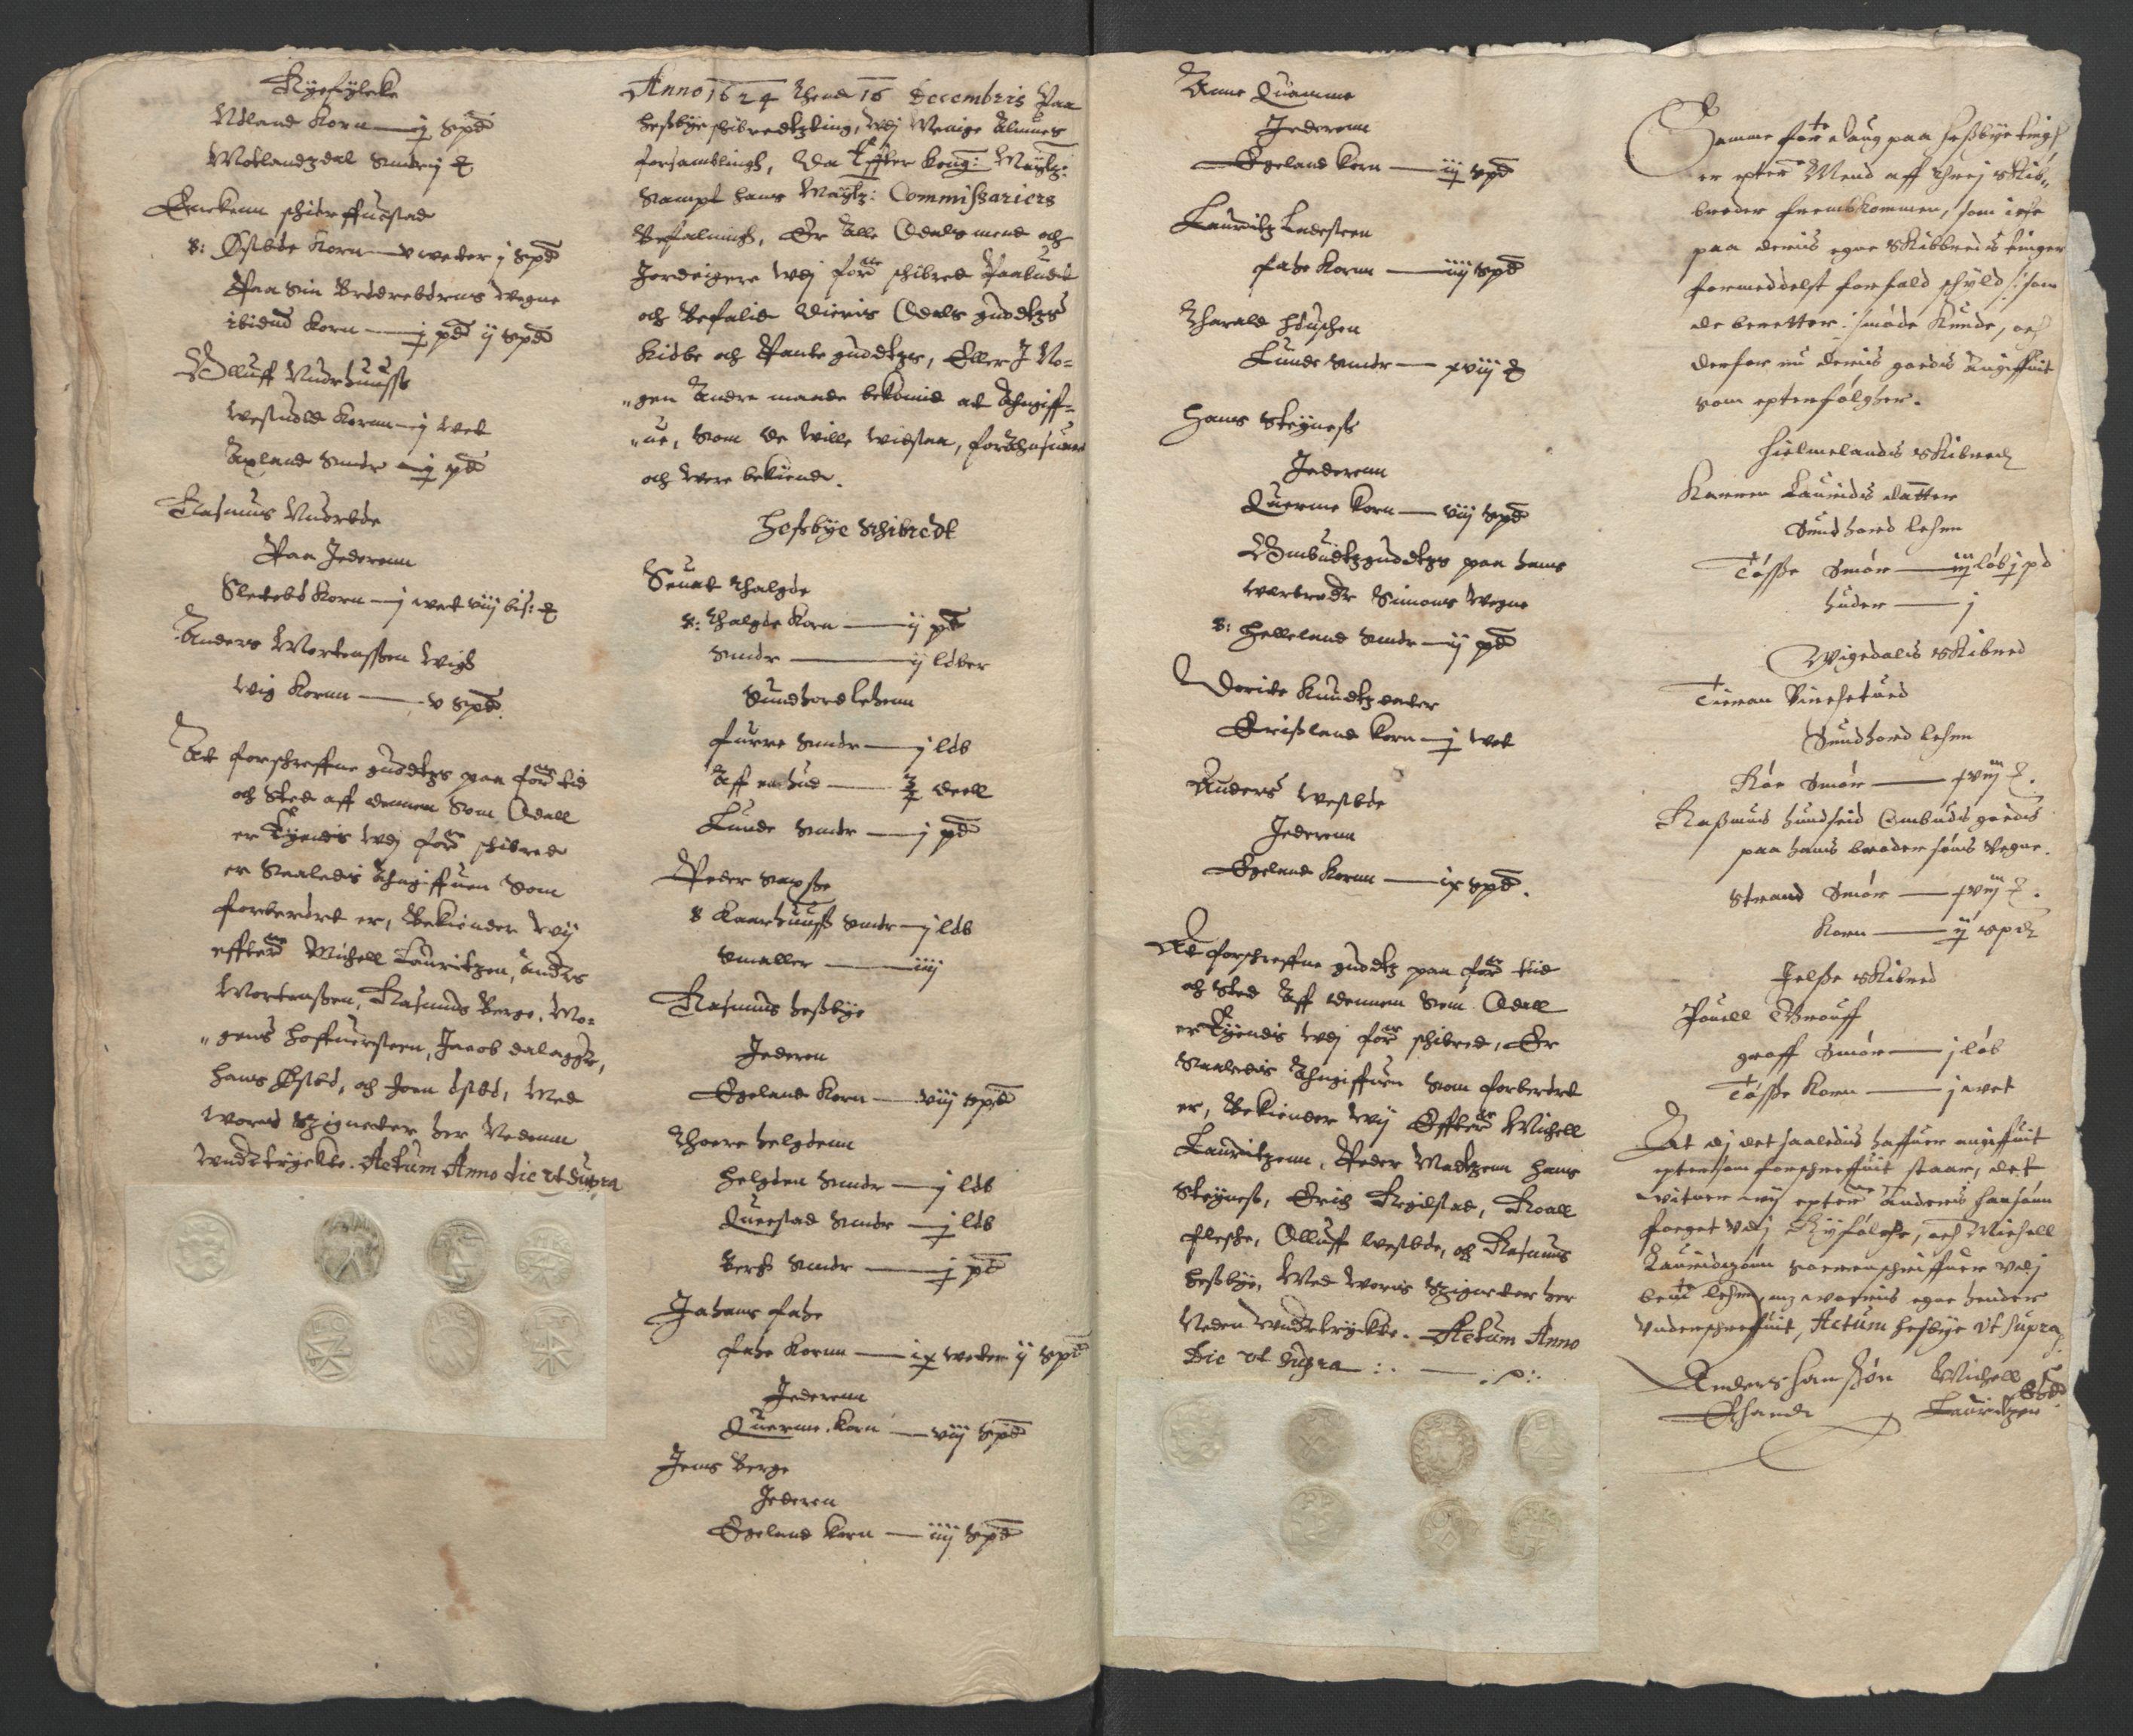 RA, Stattholderembetet 1572-1771, Ek/L0010: Jordebøker til utlikning av rosstjeneste 1624-1626:, 1624-1626, s. 32